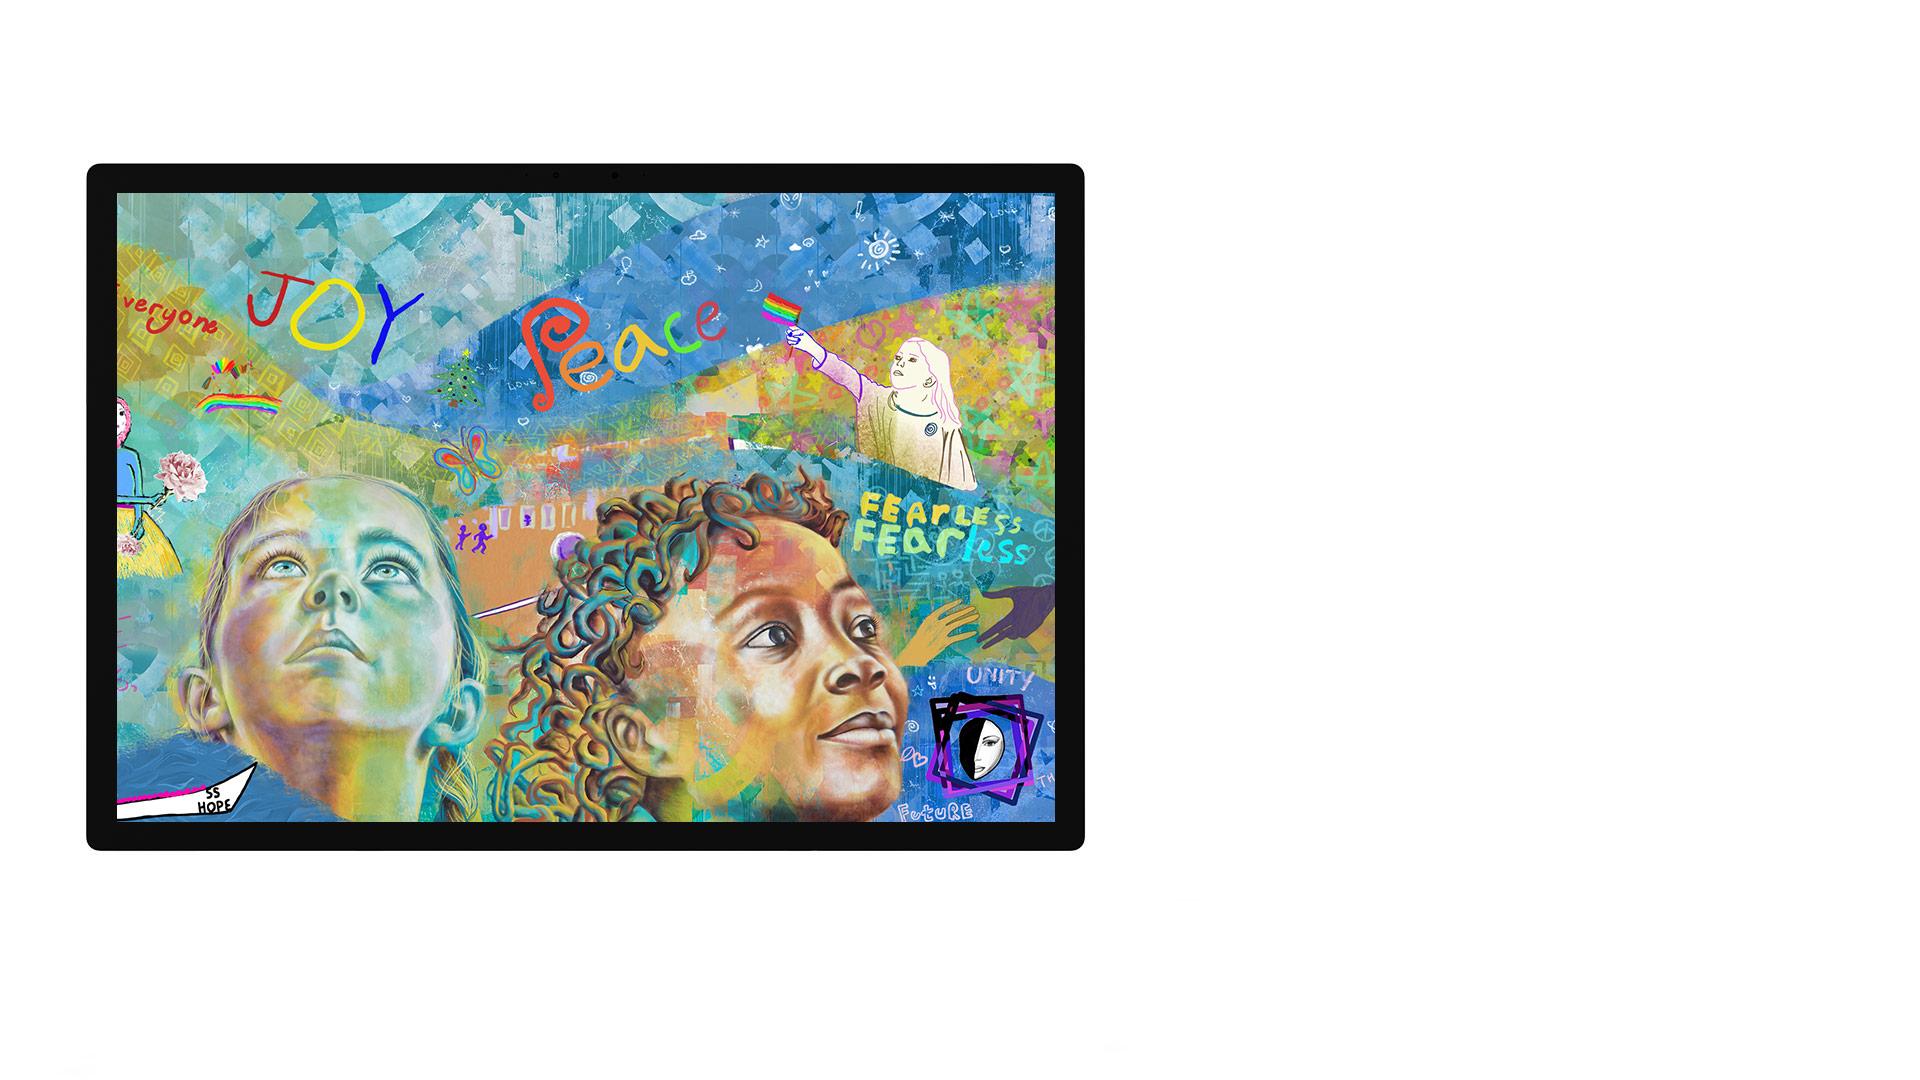 Surface Studion näyttö, jonka PixelSense™-näytössä on valokuvasovellus